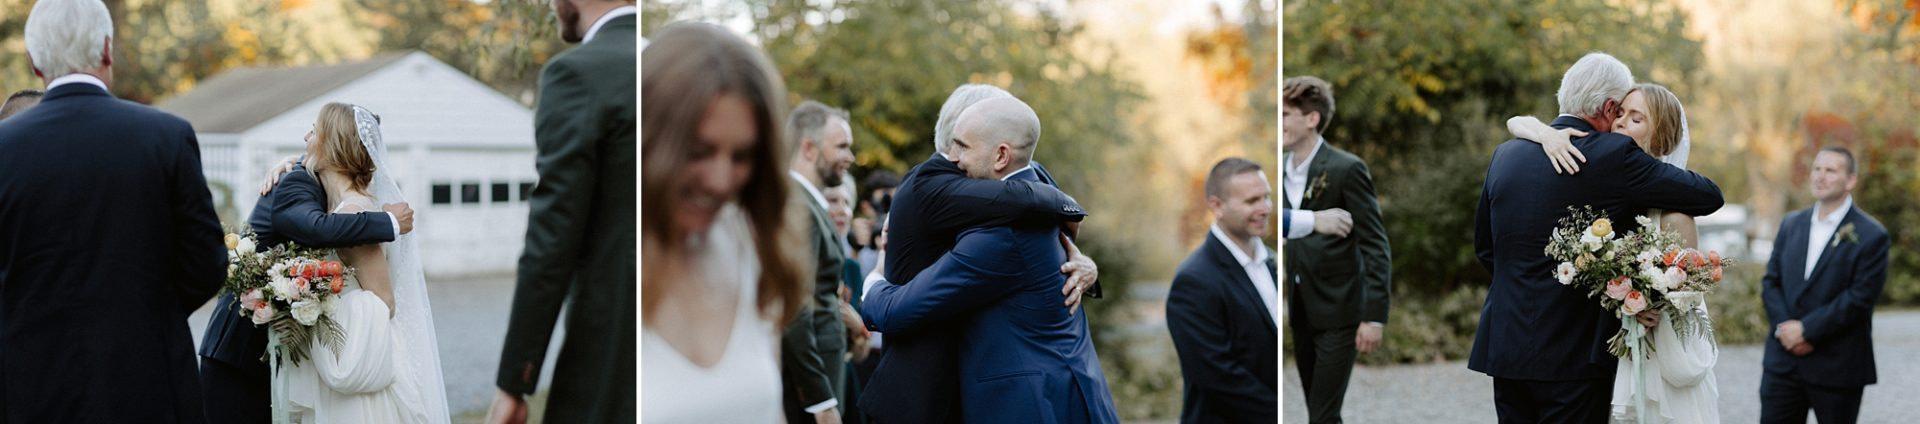 Hugging guests at M & D Farm